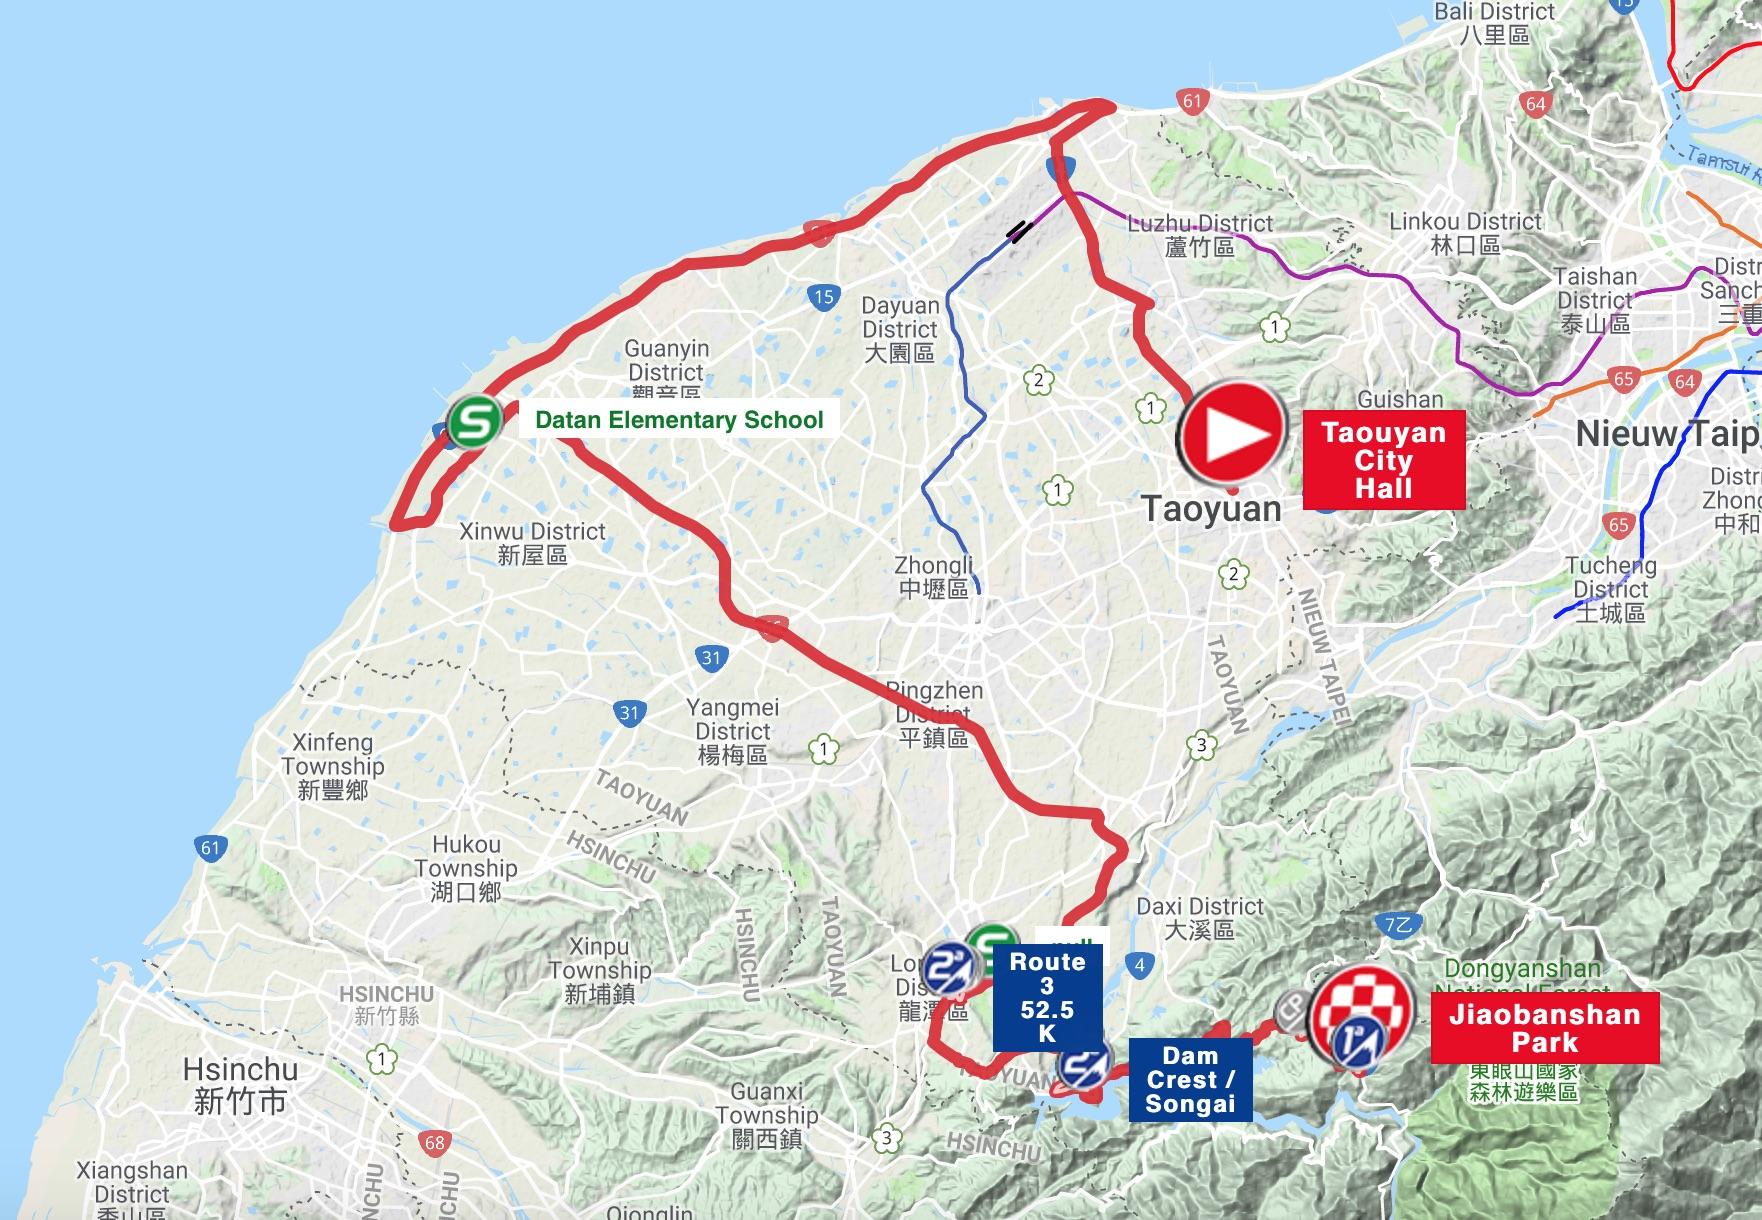 Tour De Bay Results